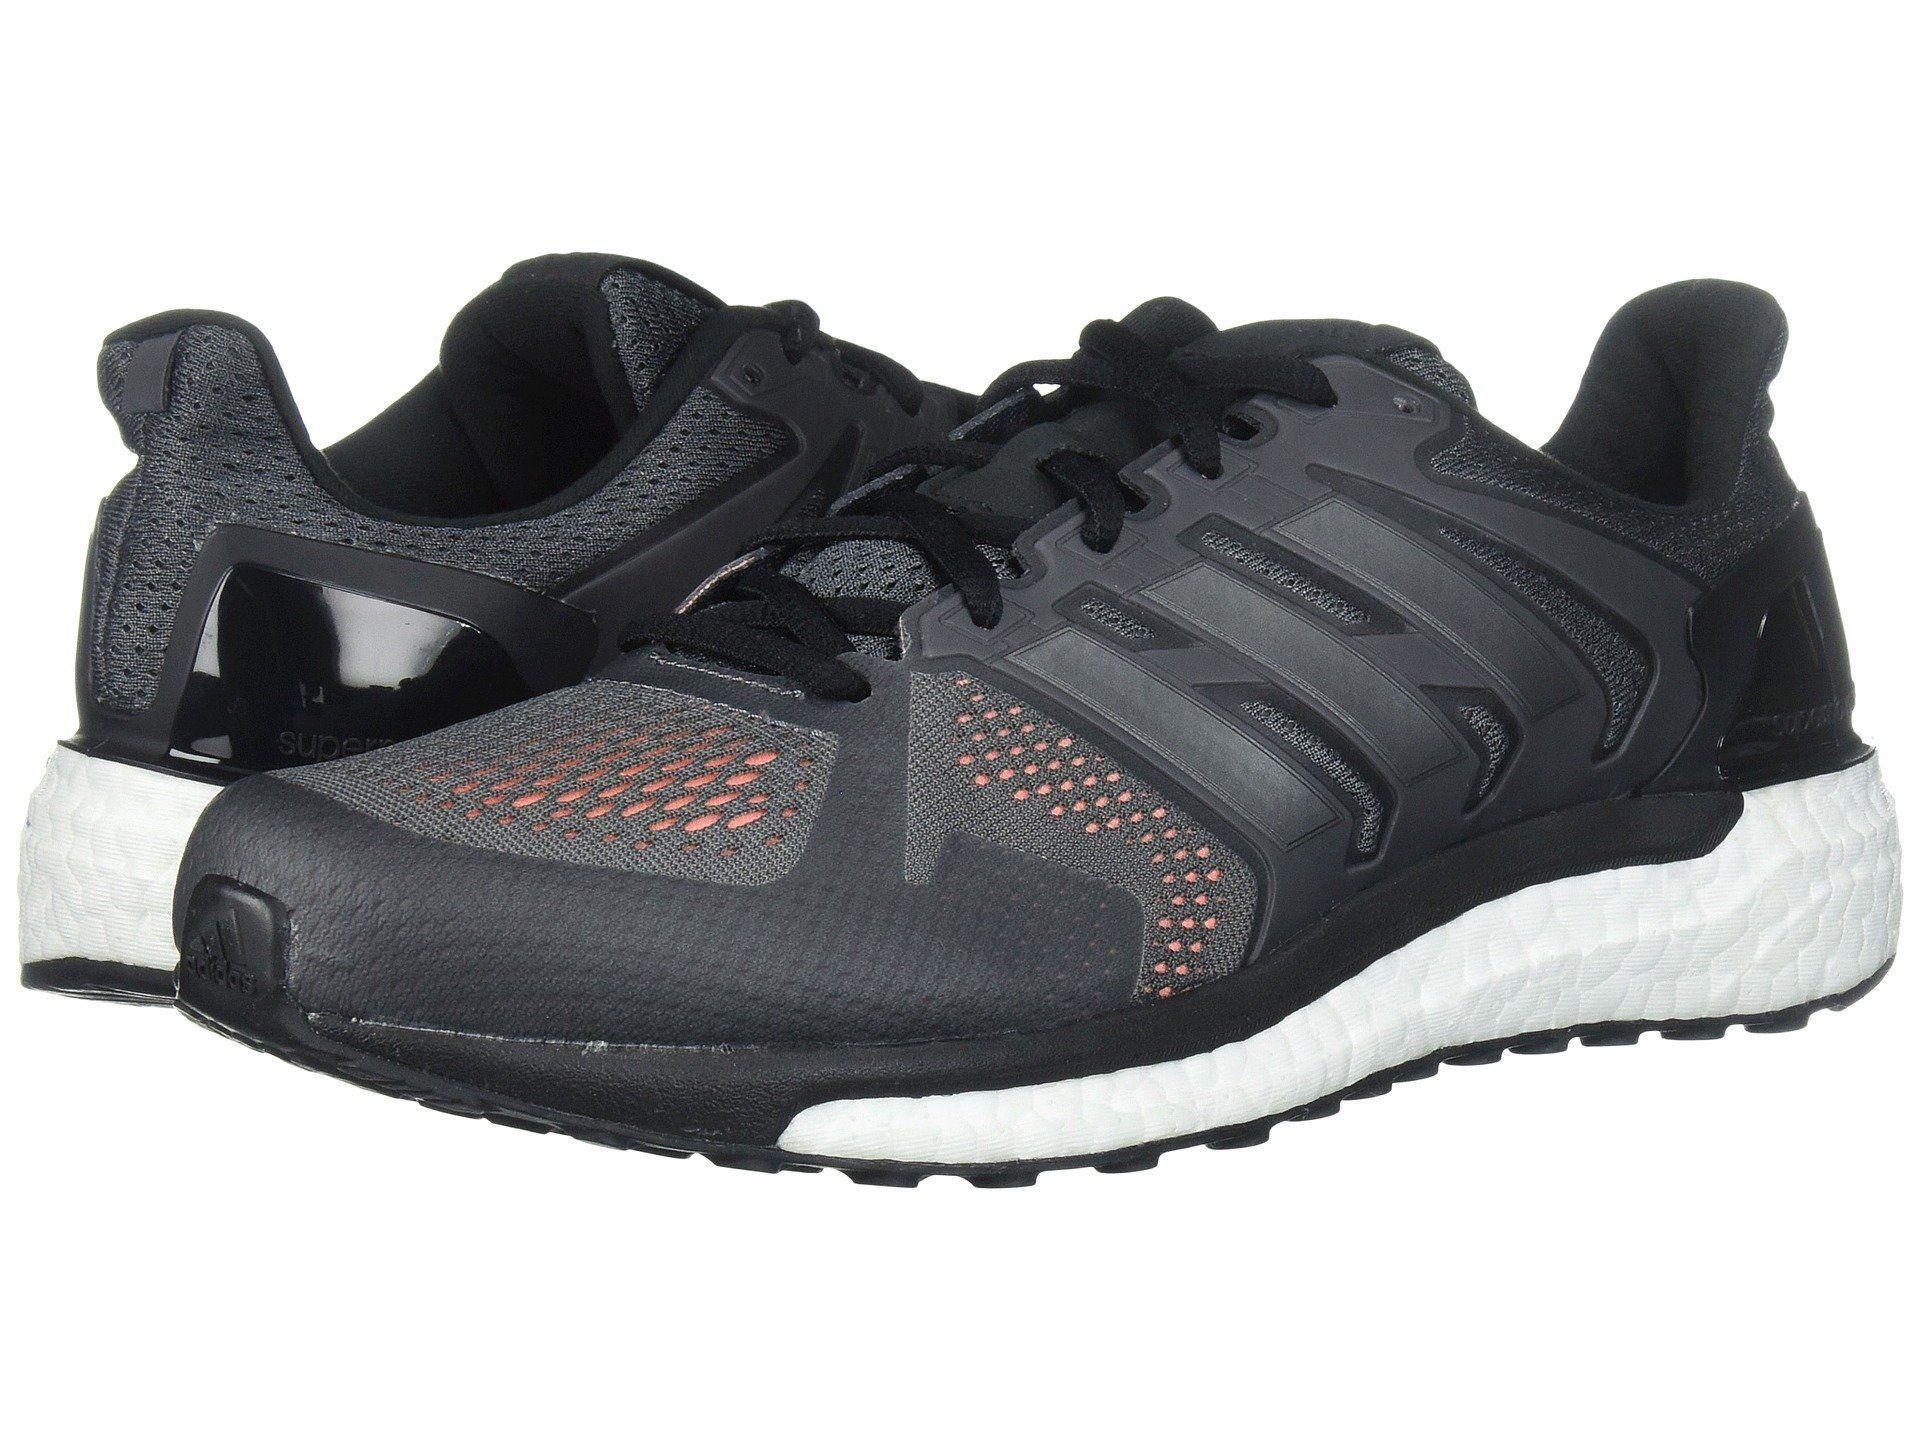 adidas Männer Supernova ST Schuhe Sport Schuhe adidas